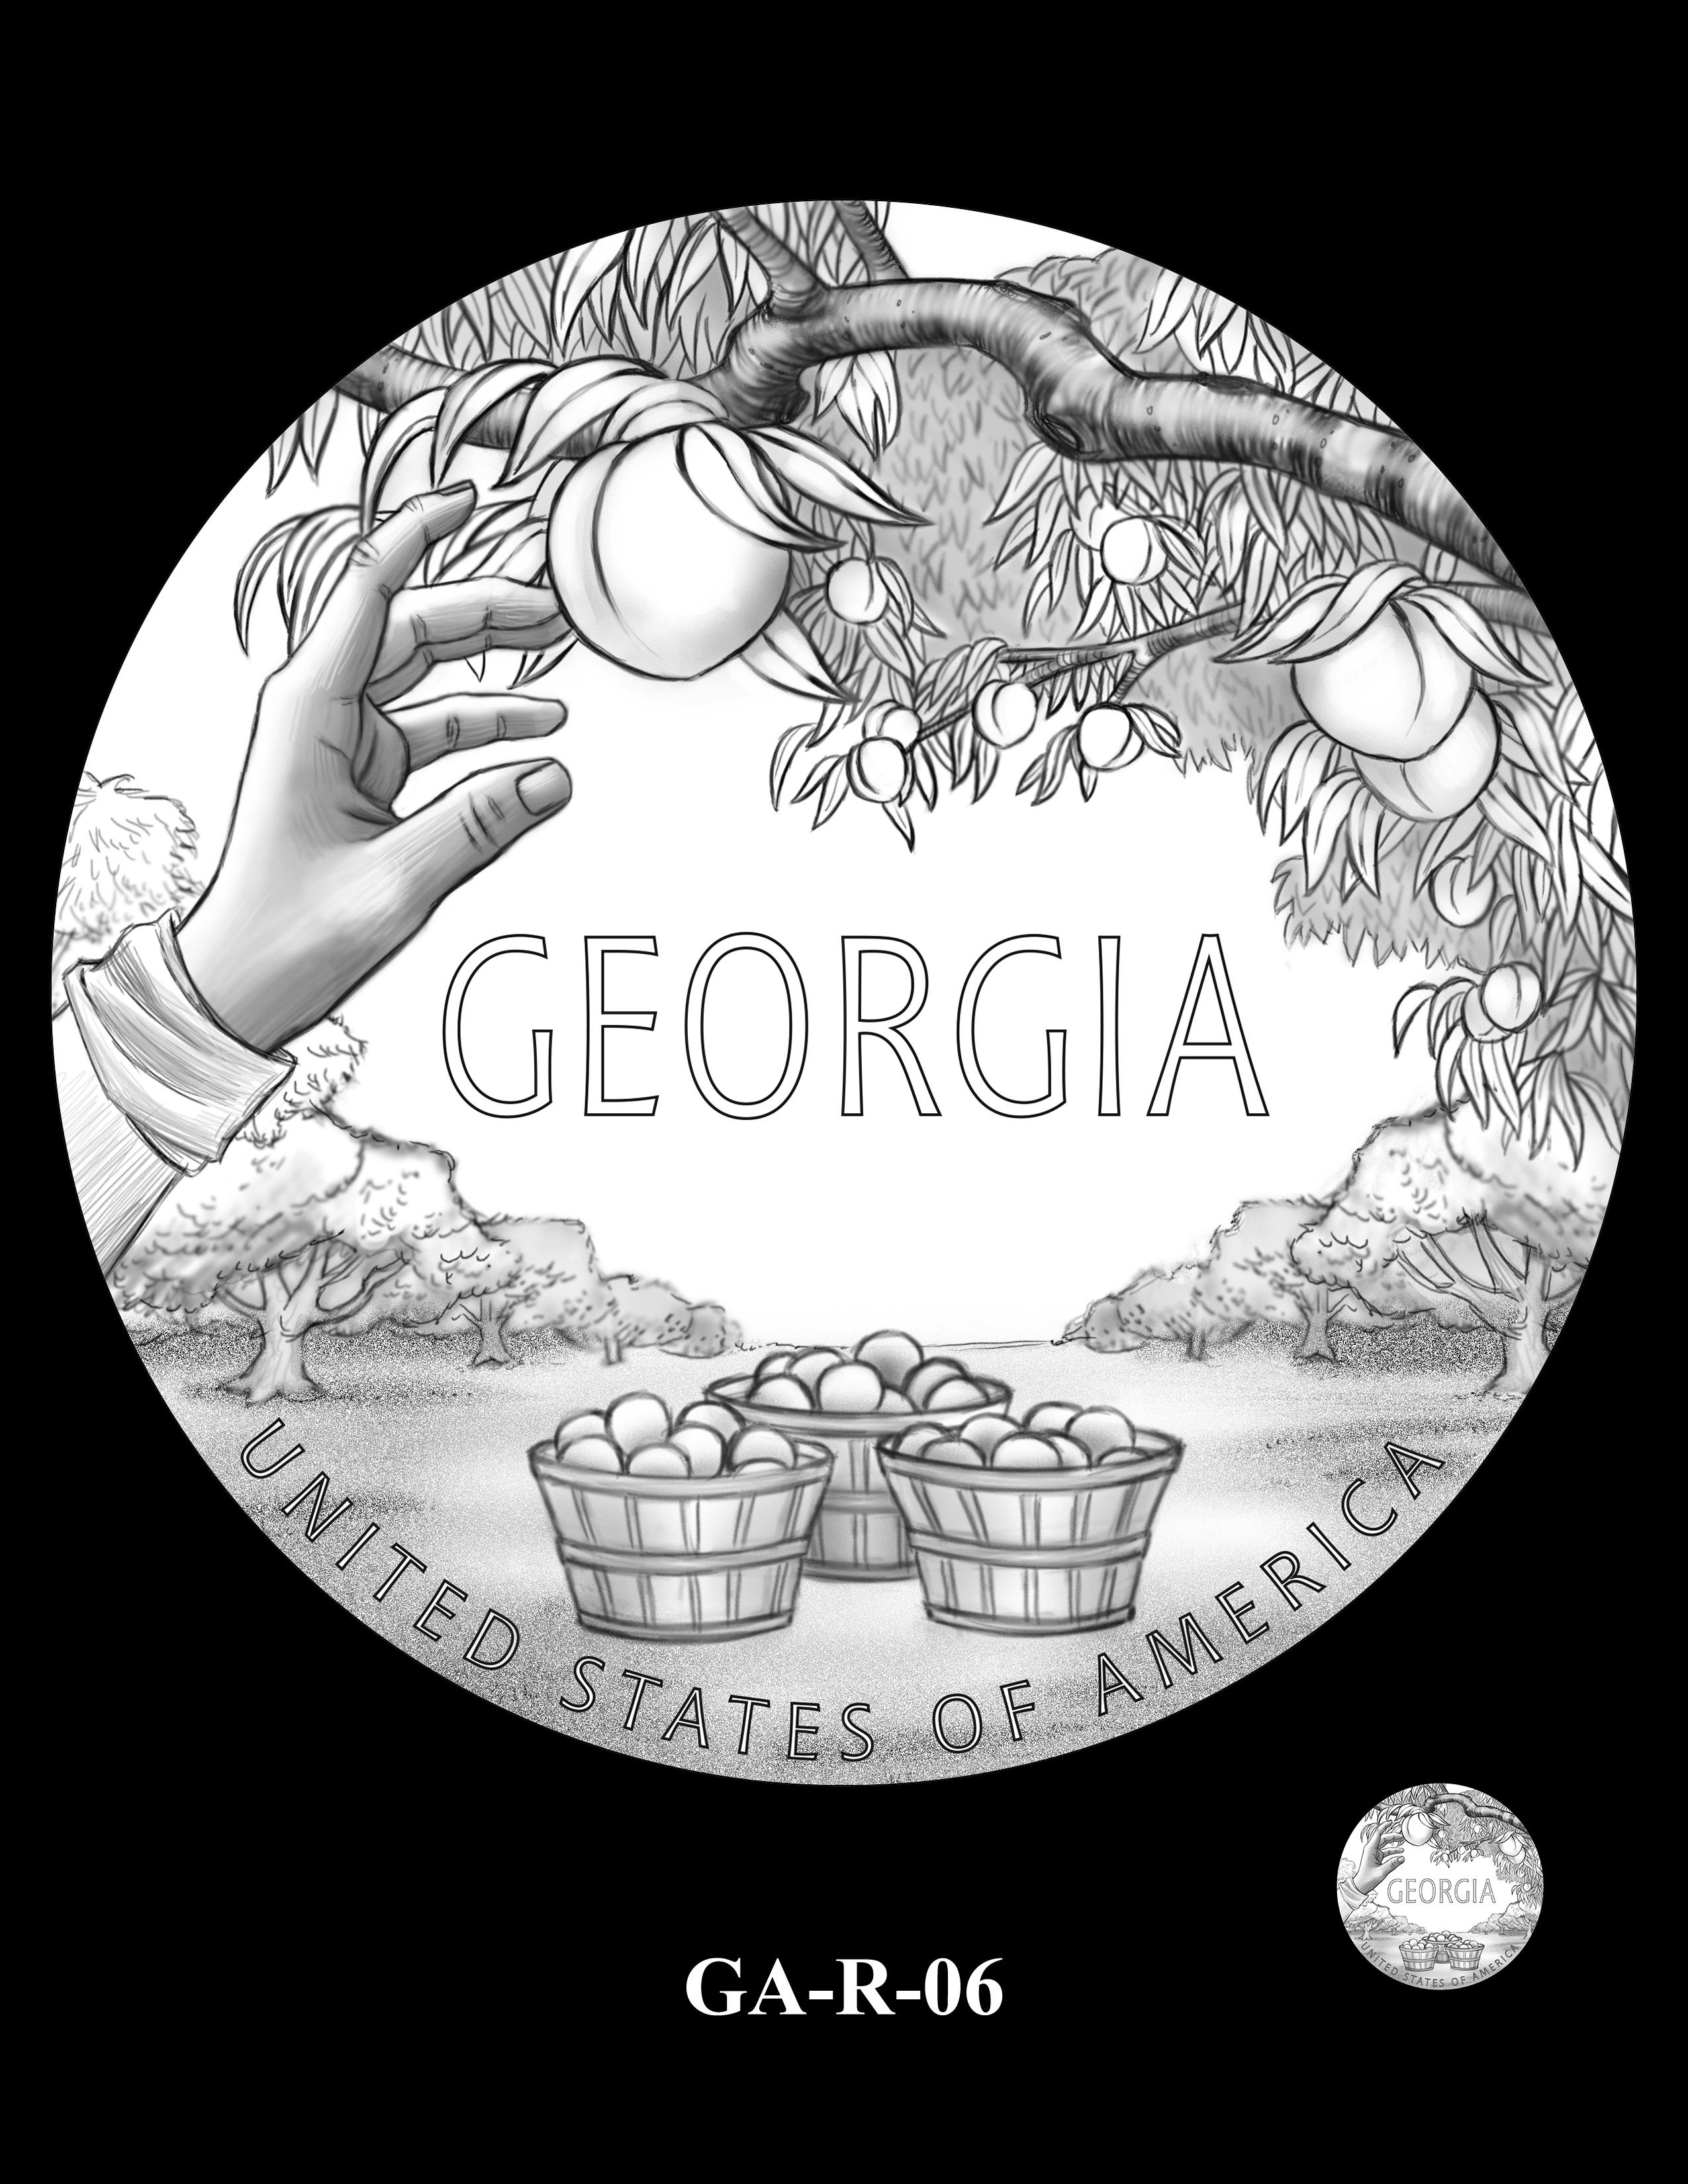 GA-R-06 -- 2019 American Innovation $1 Coin Program